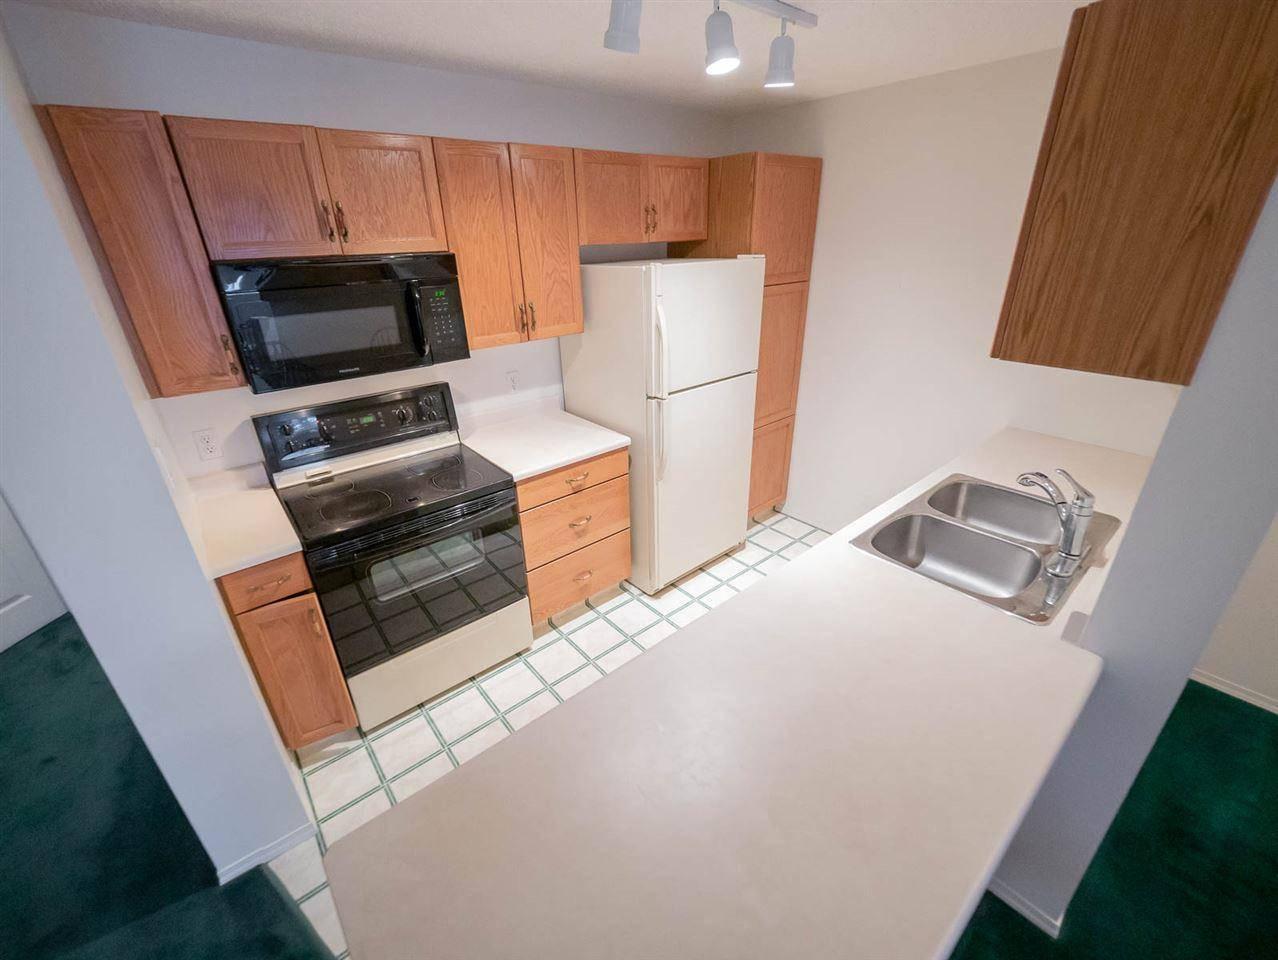 Condo for sale at 10511 42 Ave Nw Unit 307 Edmonton Alberta - MLS: E4165986